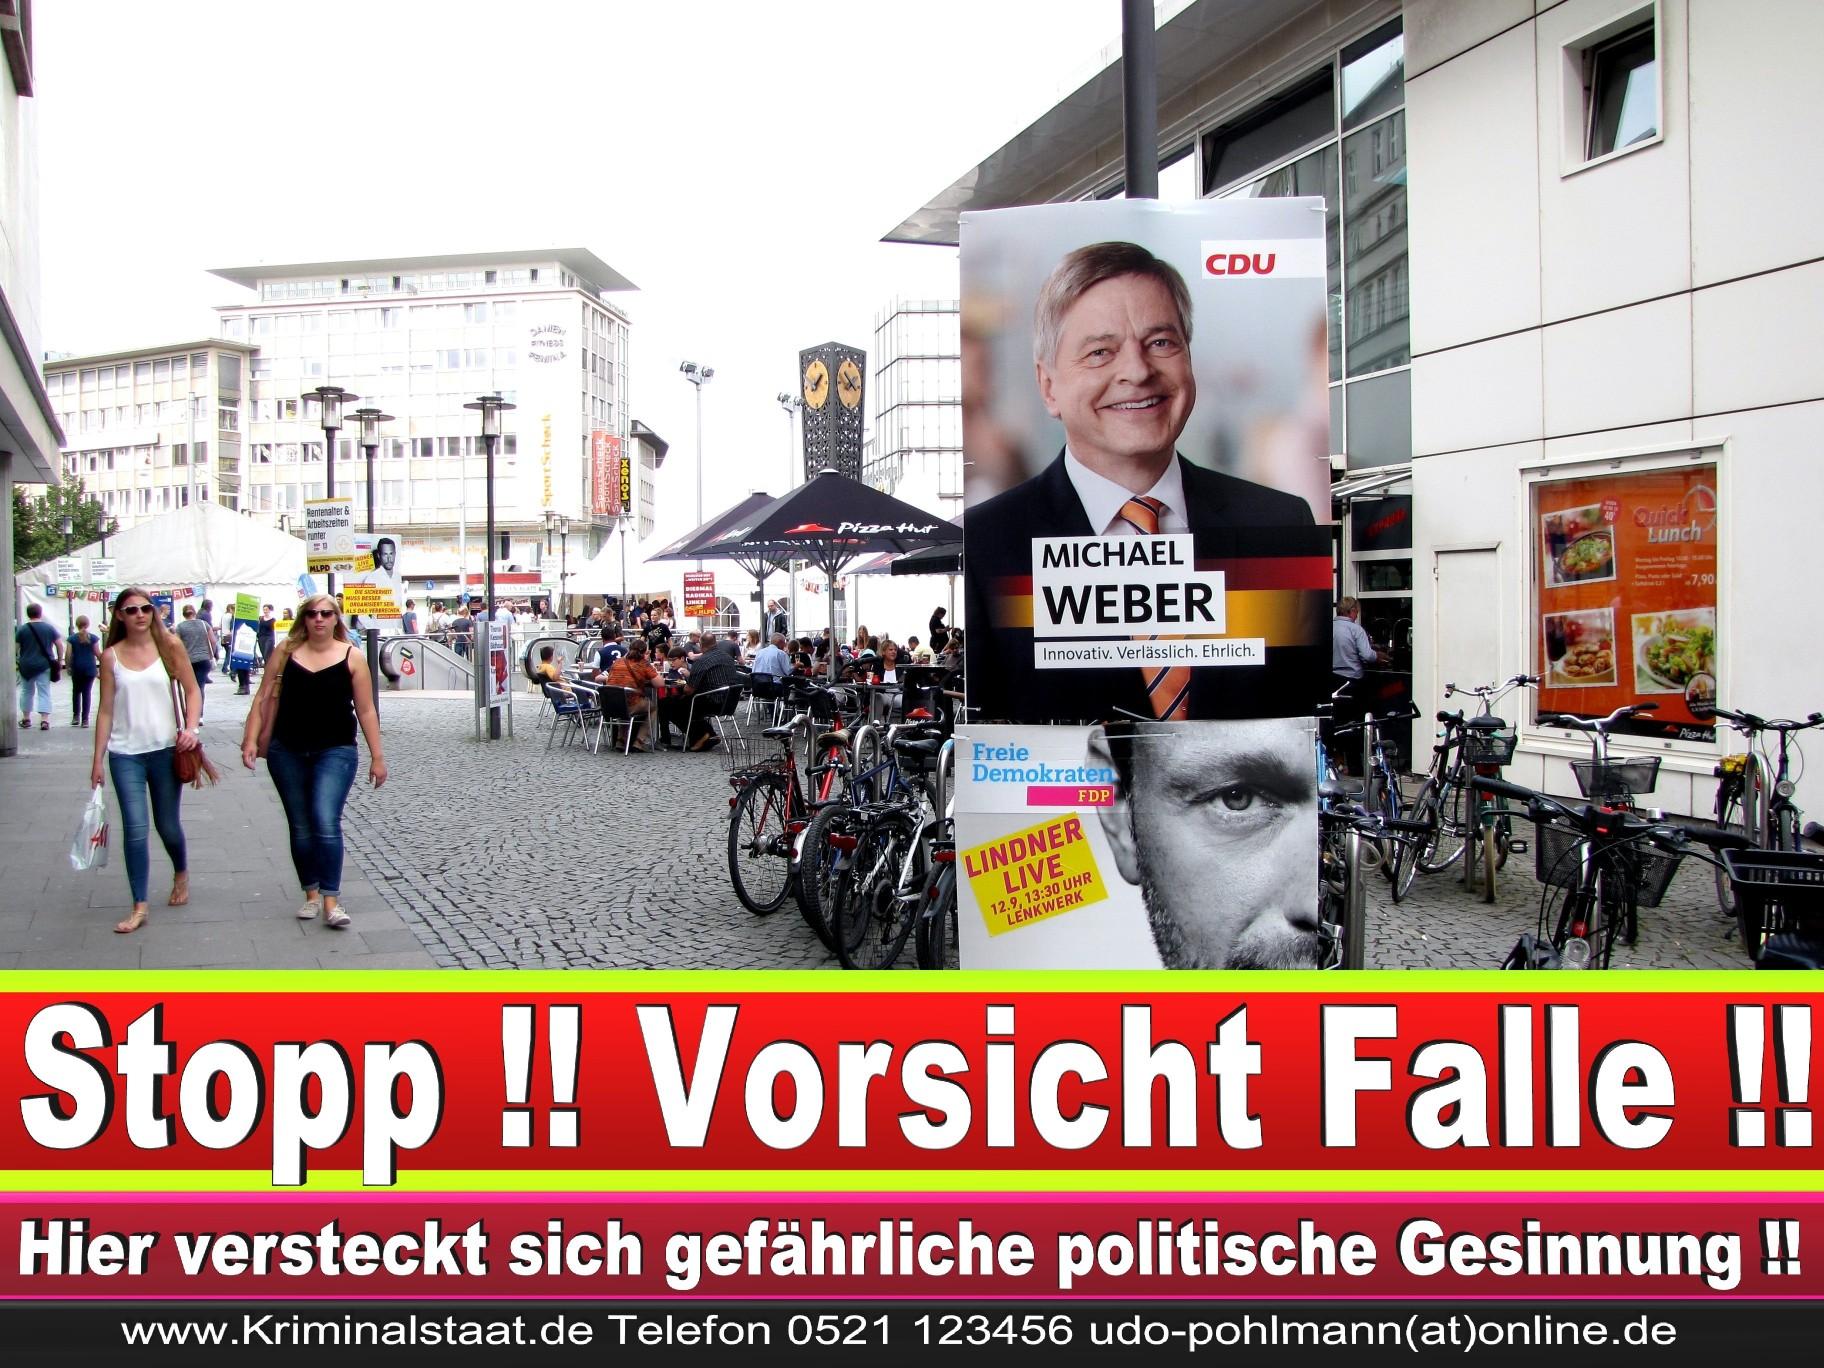 Wahlwerbung Wahlplakate Landtagswahl 2019 Europawahl CDU SPD FDP 2021 (42)